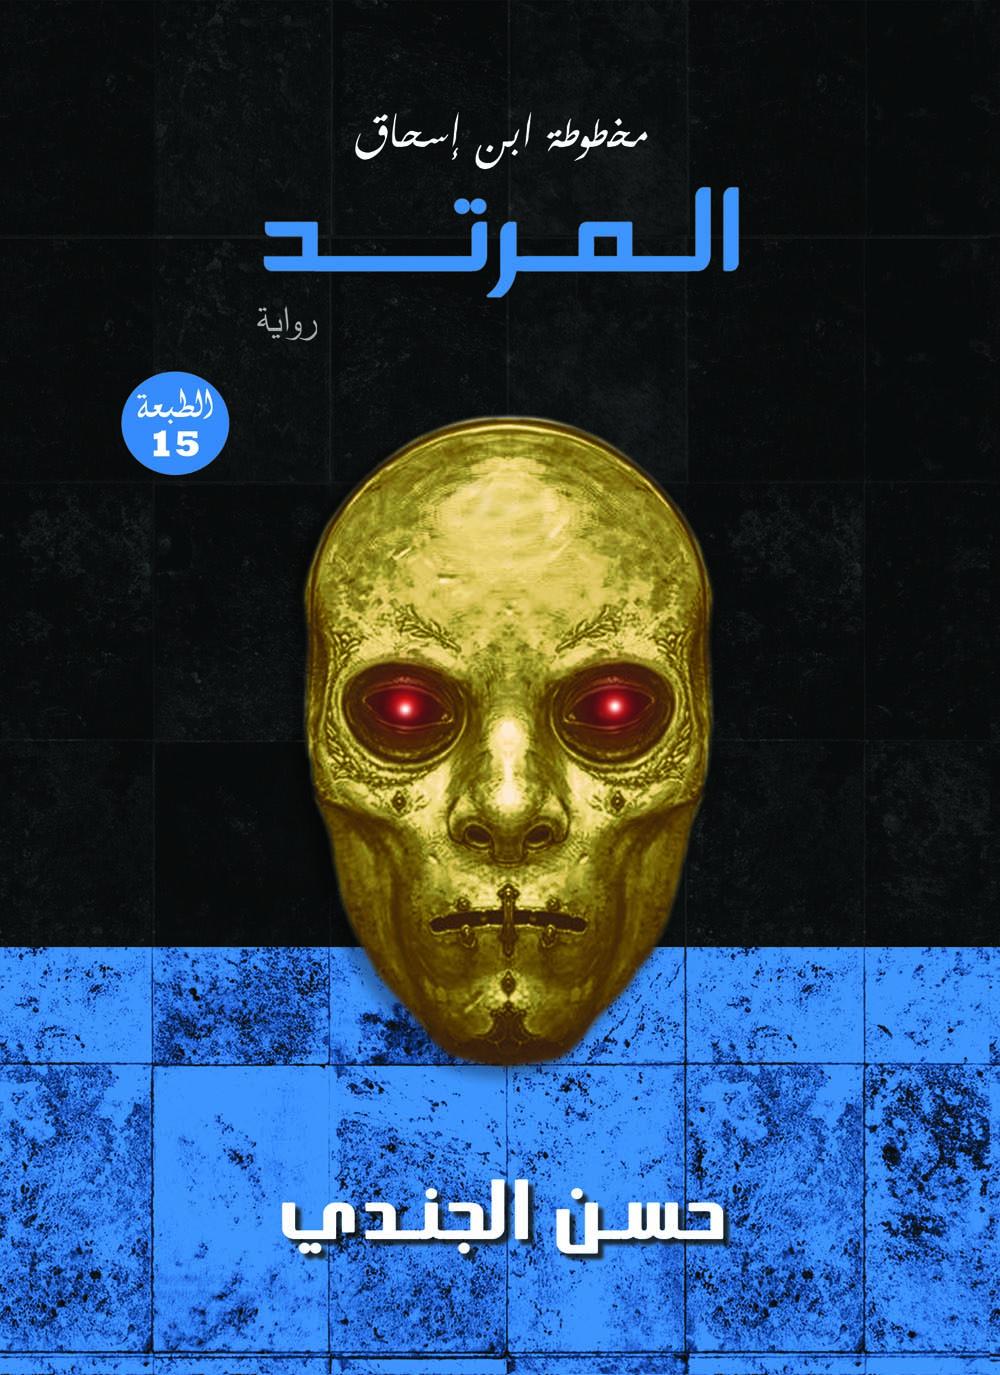 رواية المرتد - حسن الجندي